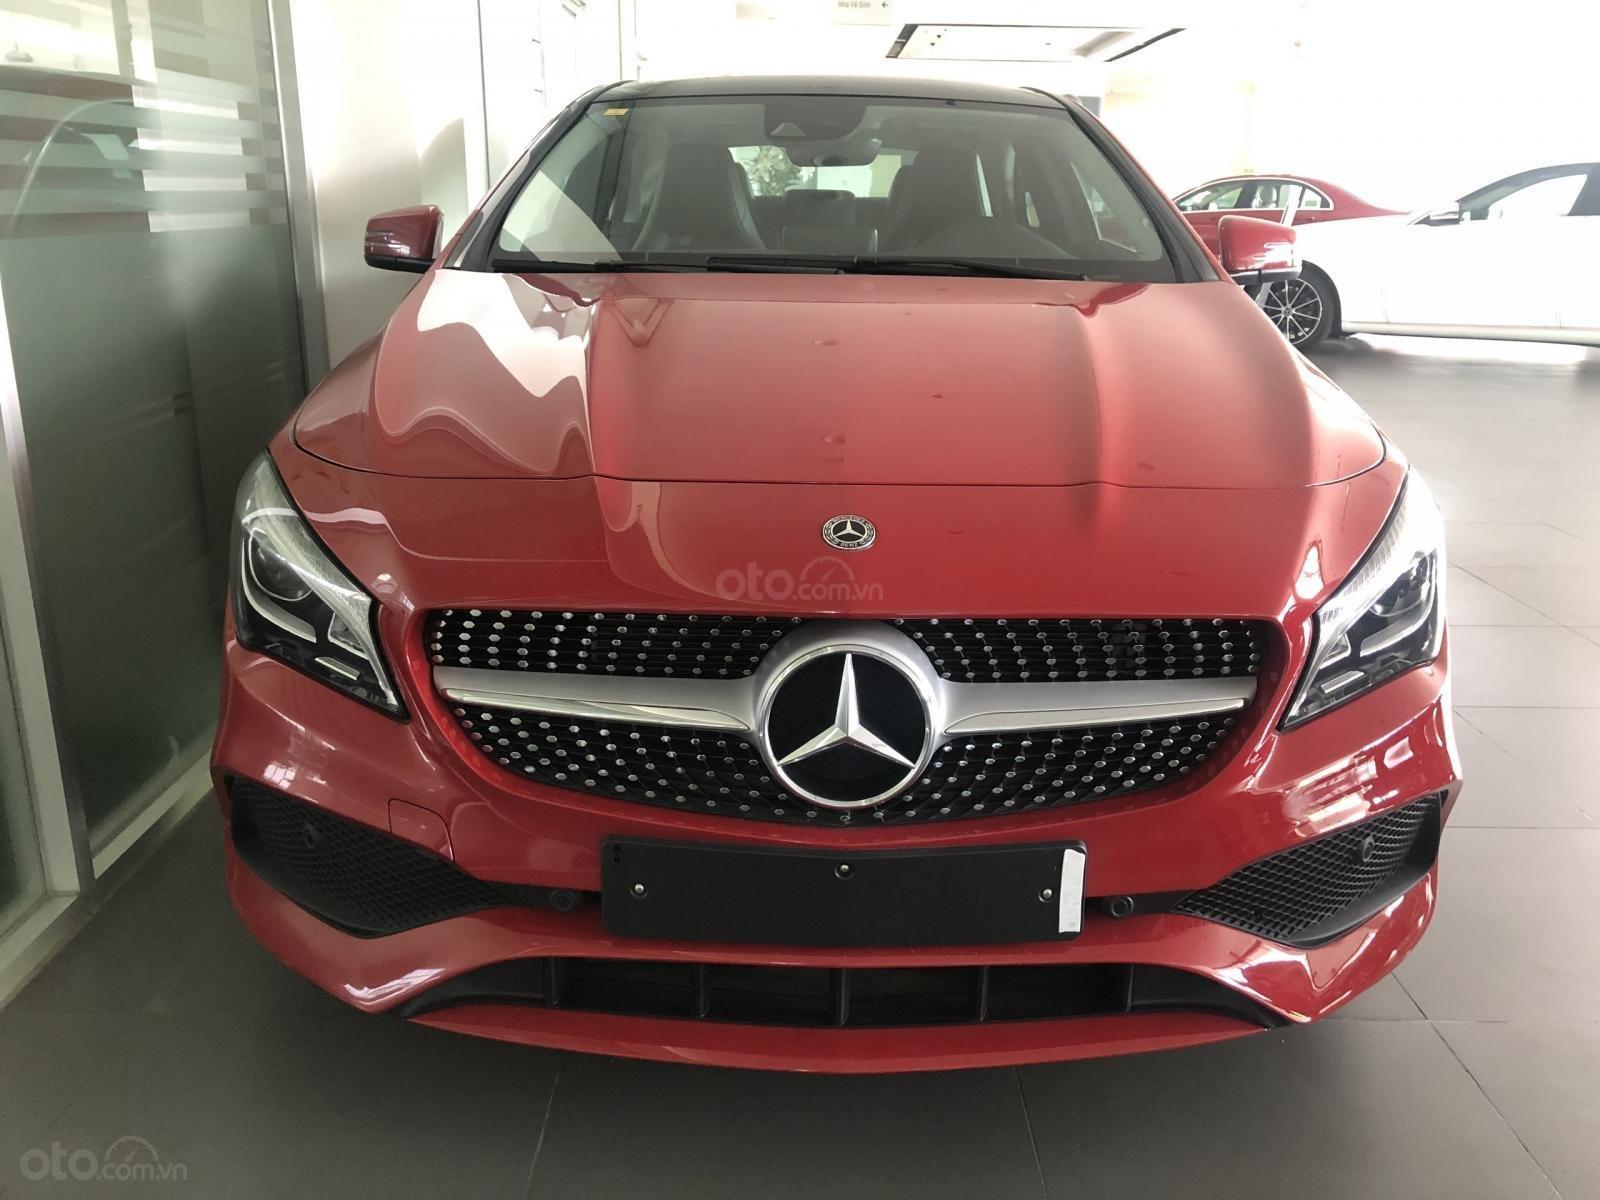 Bán xe Mercedes CLA 250 mới, màu đỏ, xe nhập khẩu, vay trả góp 80% giá trị xe, lãi 0.77%/tháng cố định 36 tháng (4)